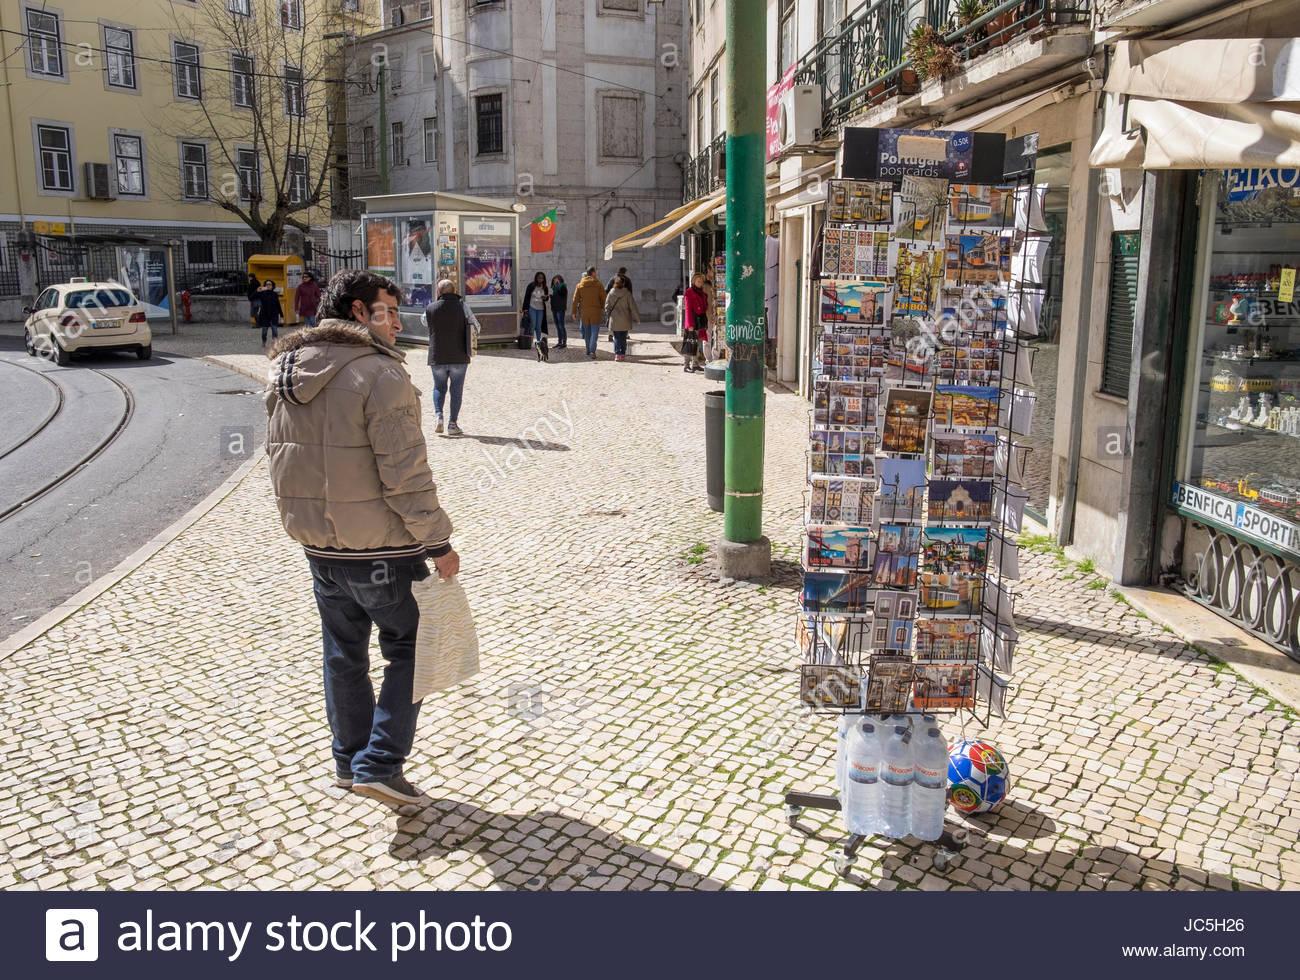 Man walking past postcard rack outside shop along Rua da Palma, Lisbon, Portugal Stock Photo